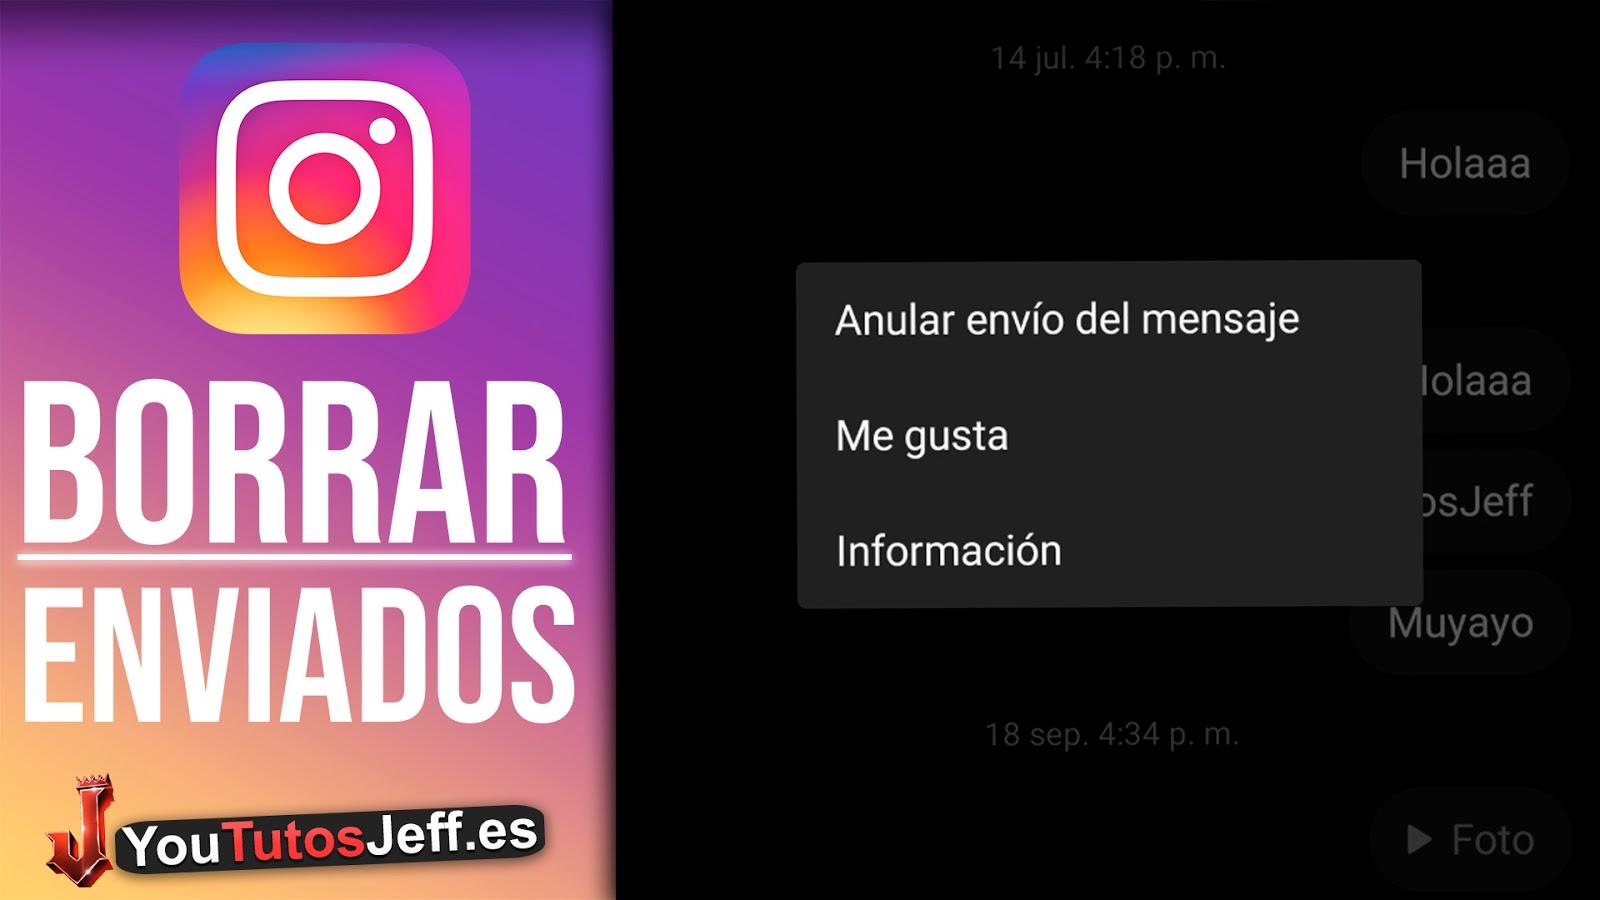 Como Borrar Mensajes Enviados en Instagram